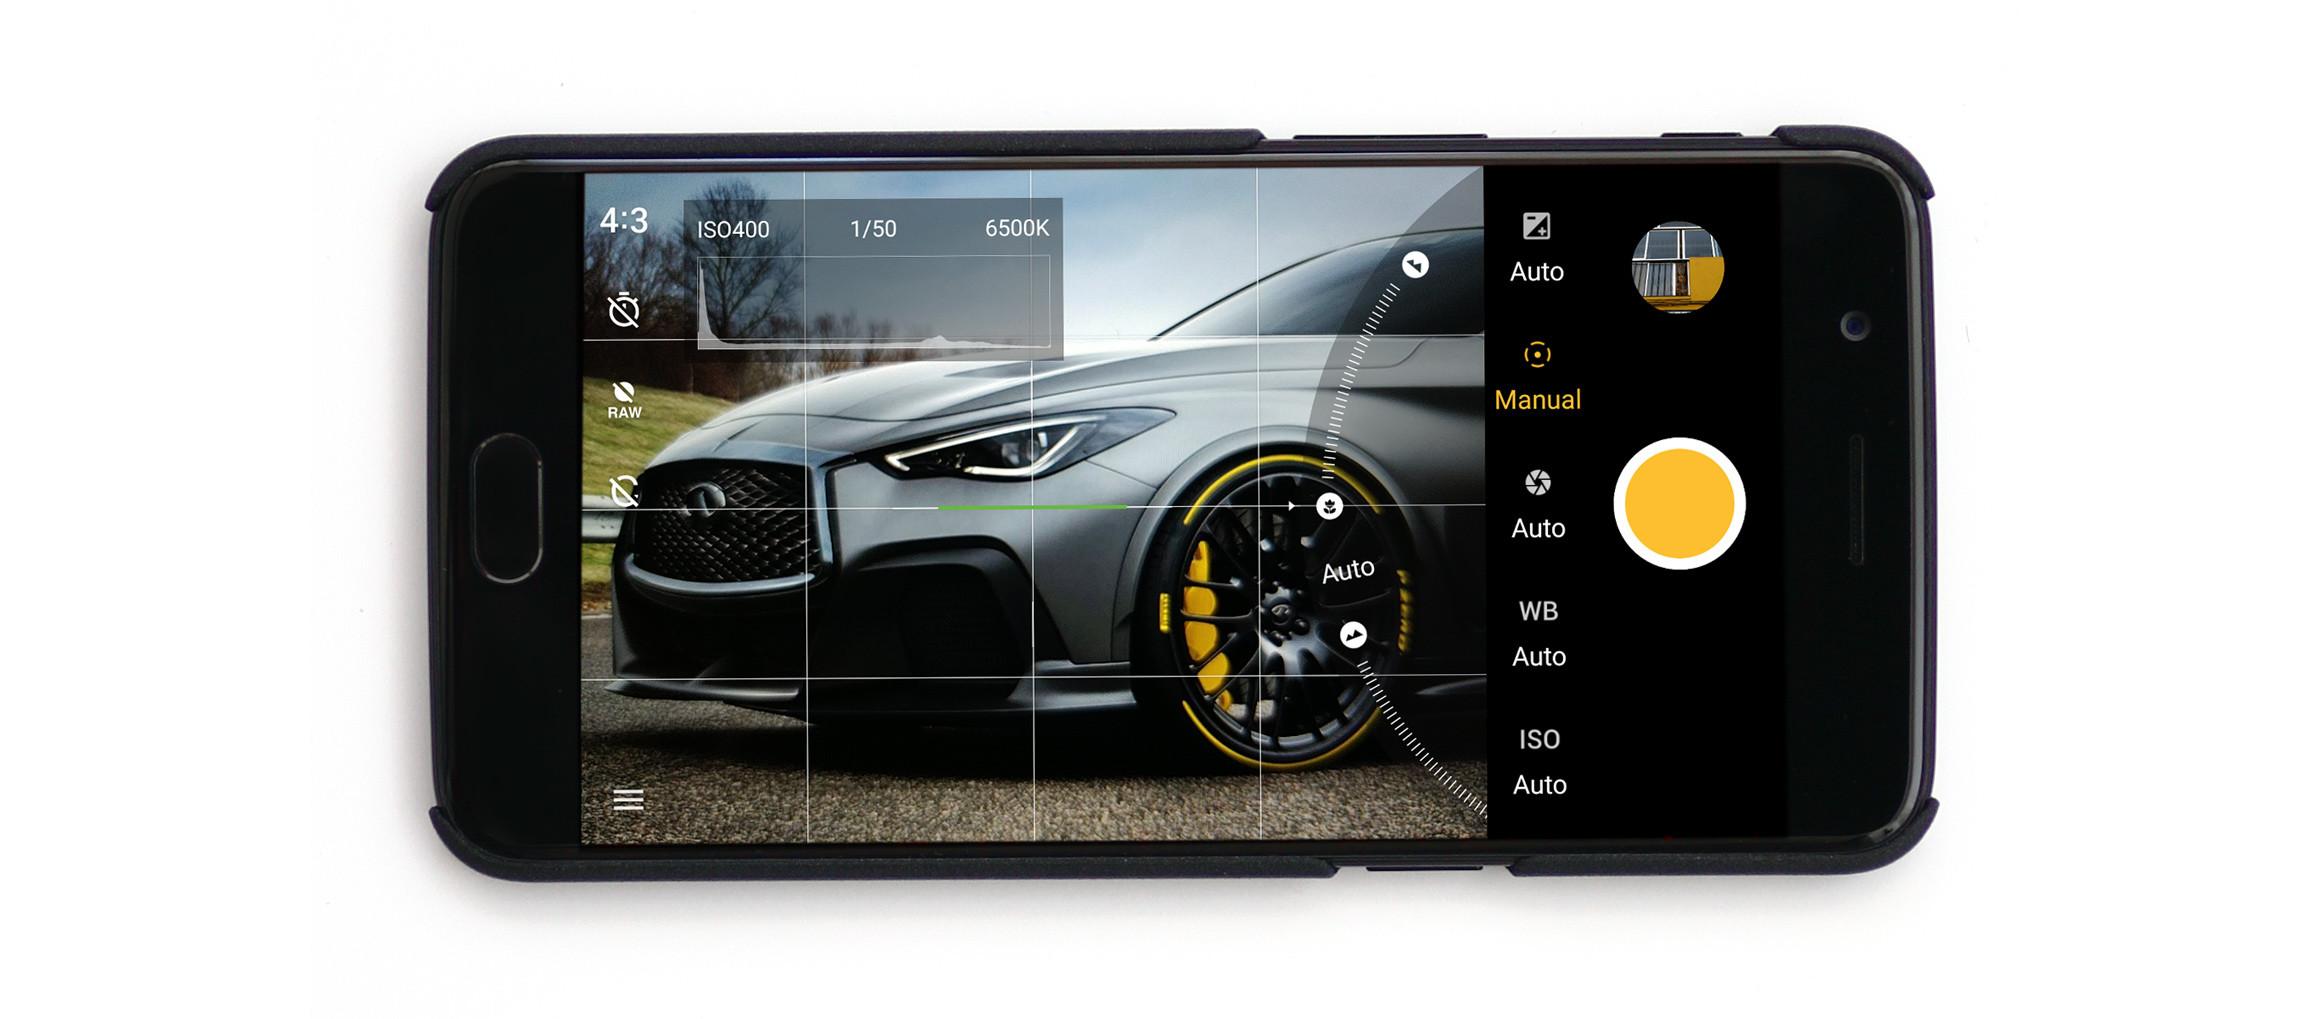 Foto de OnePlus 5 en imágenes (7/22)